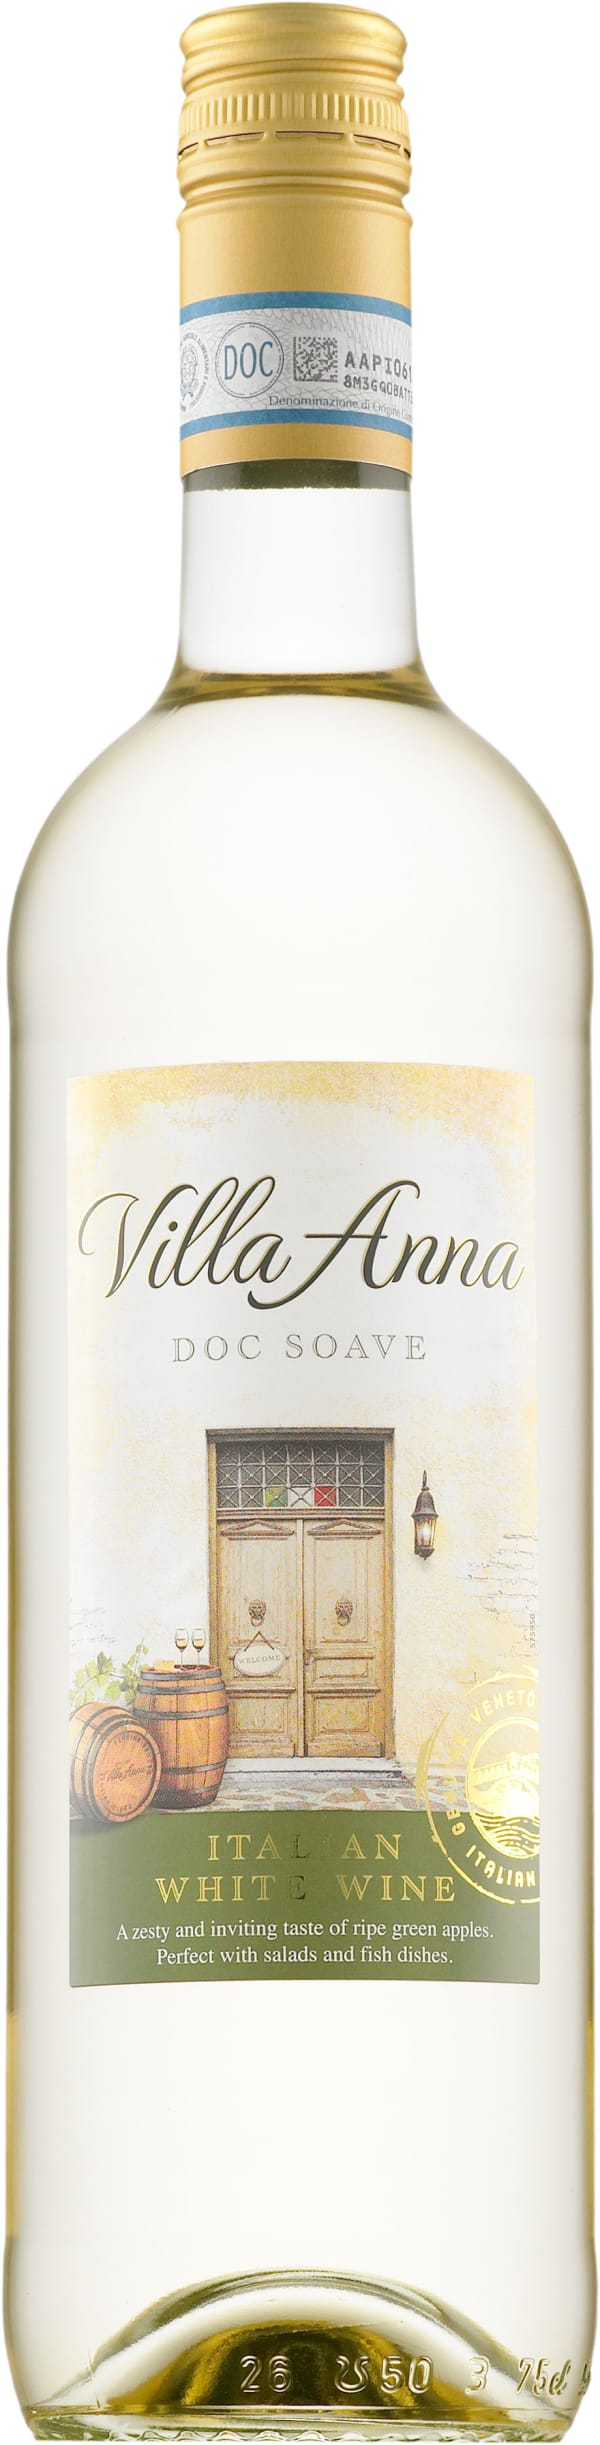 Villa Anna Soave 2017